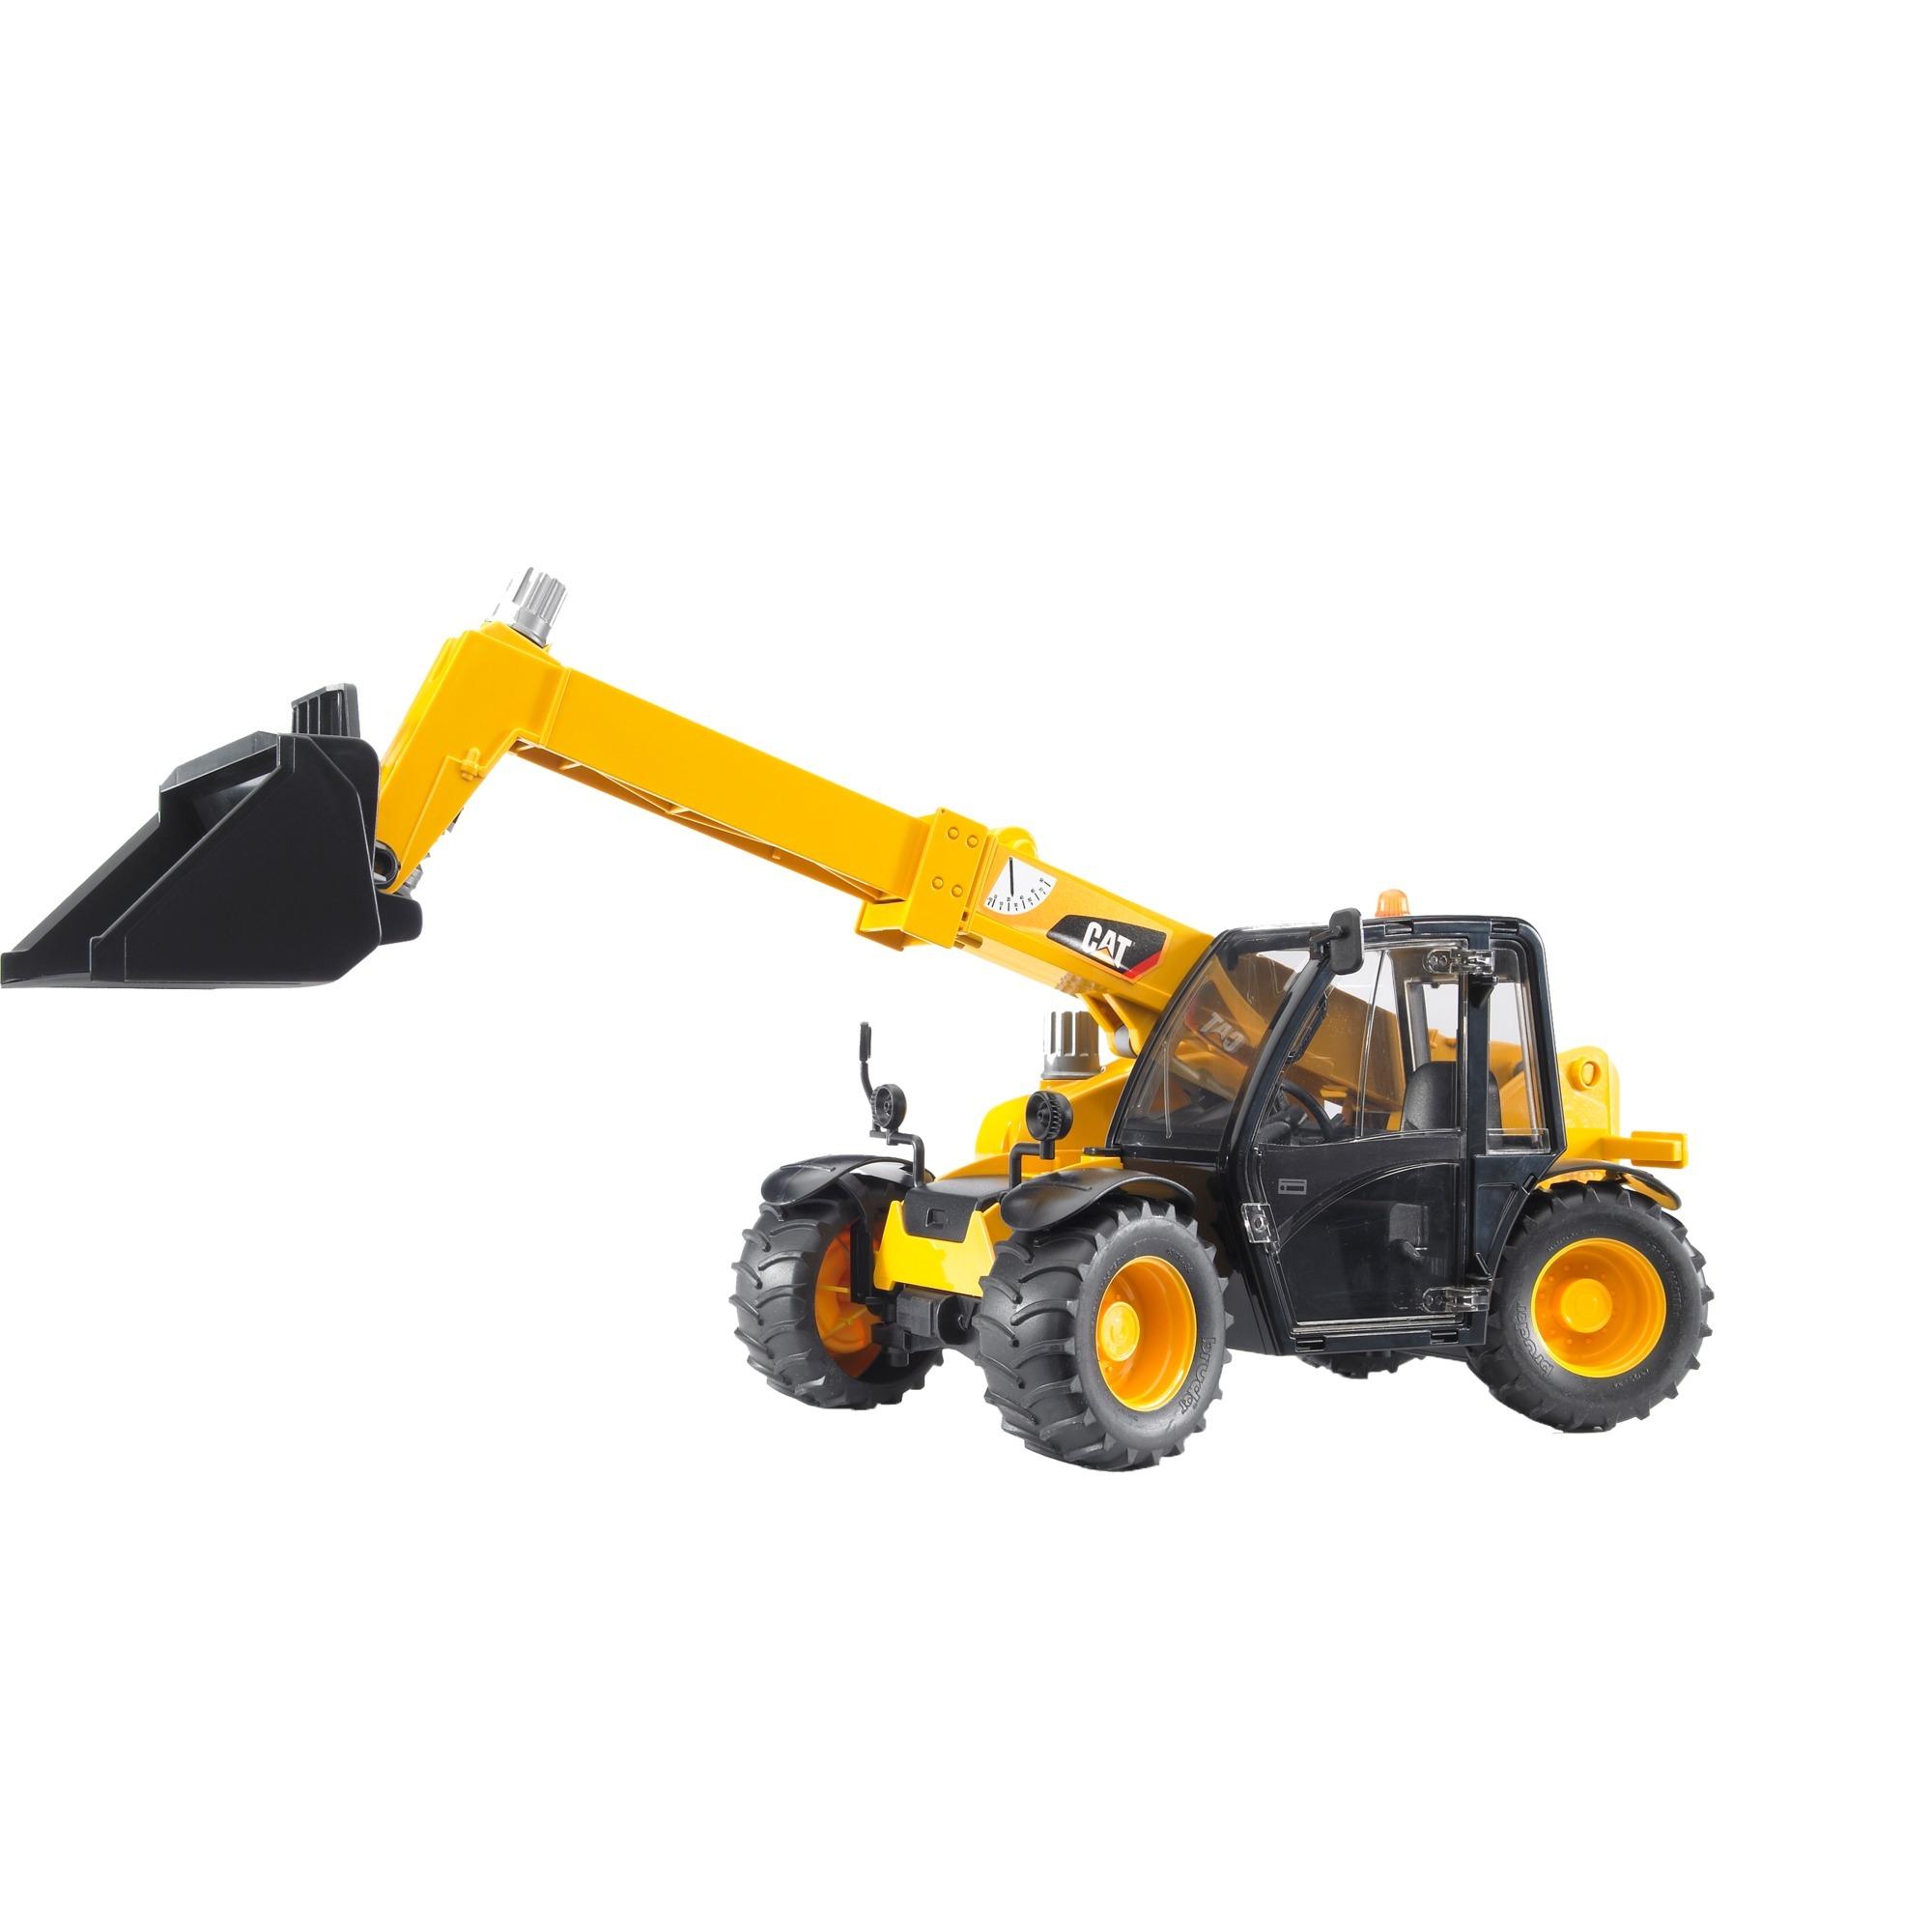 02141 modelo de juguete, Automóvil de construcción